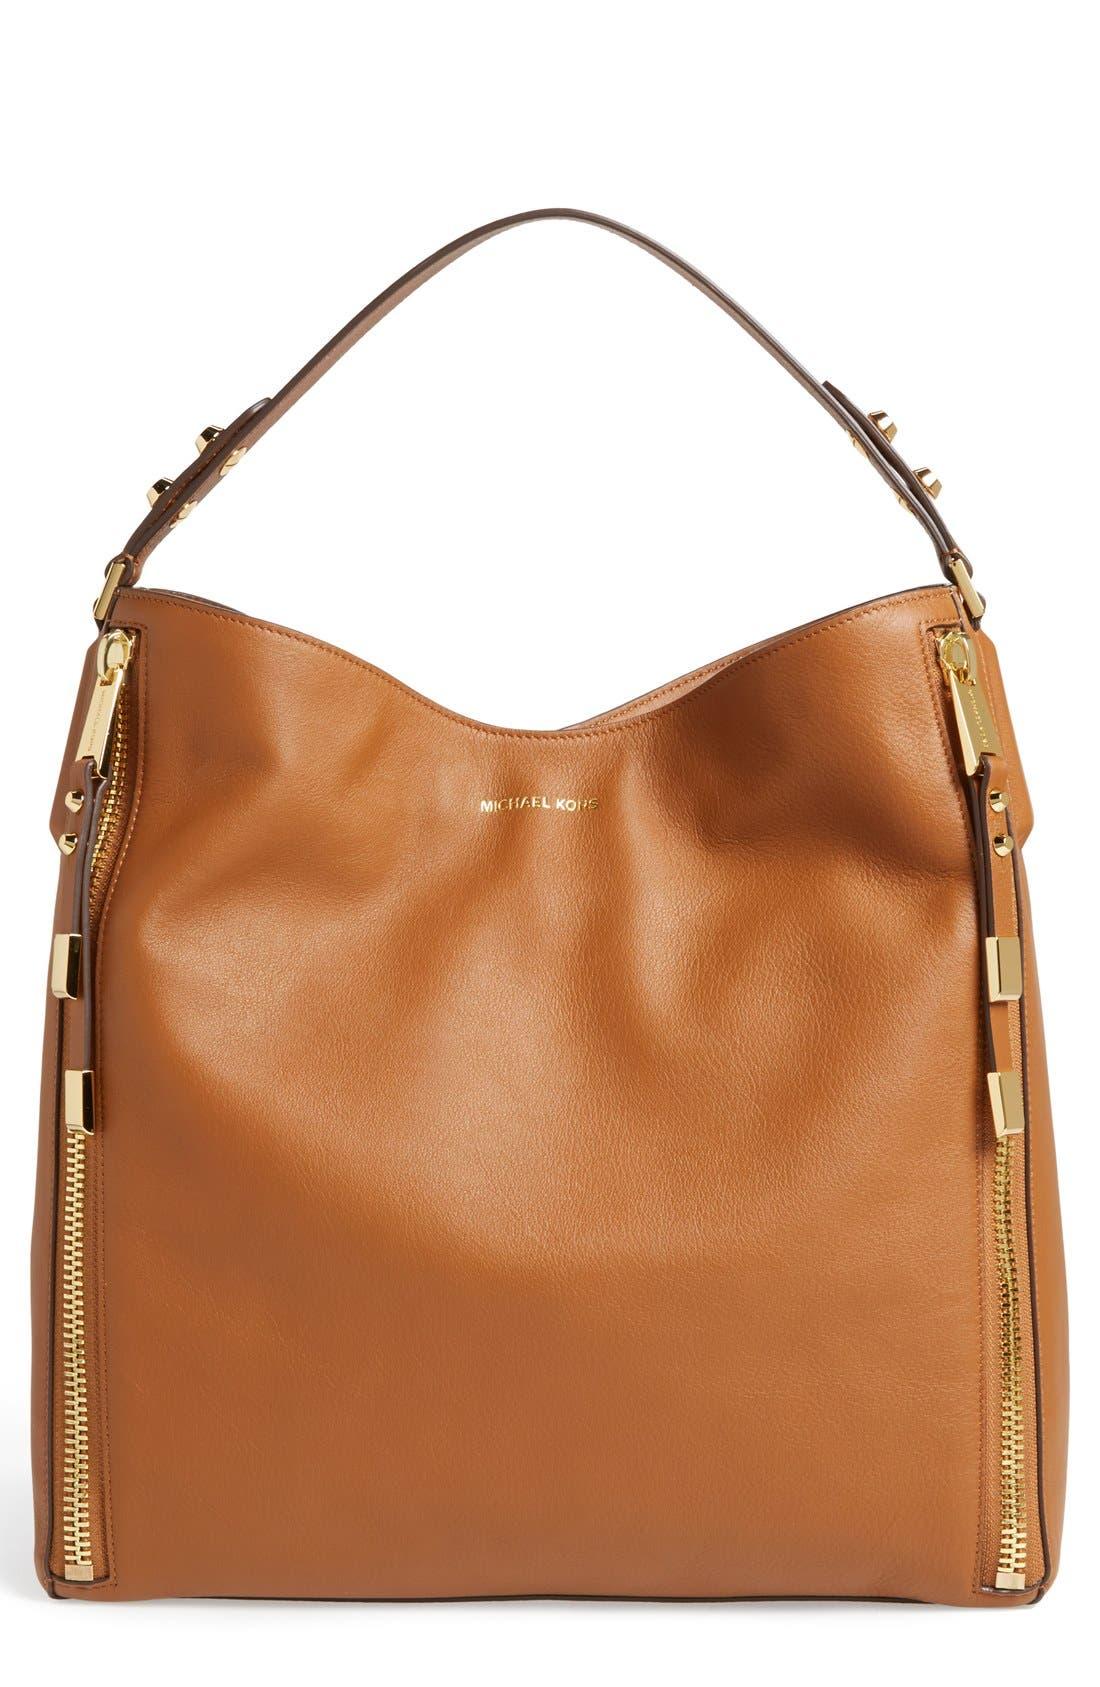 Main Image - Michael Kors 'Miranda - Zips' Leather Hobo